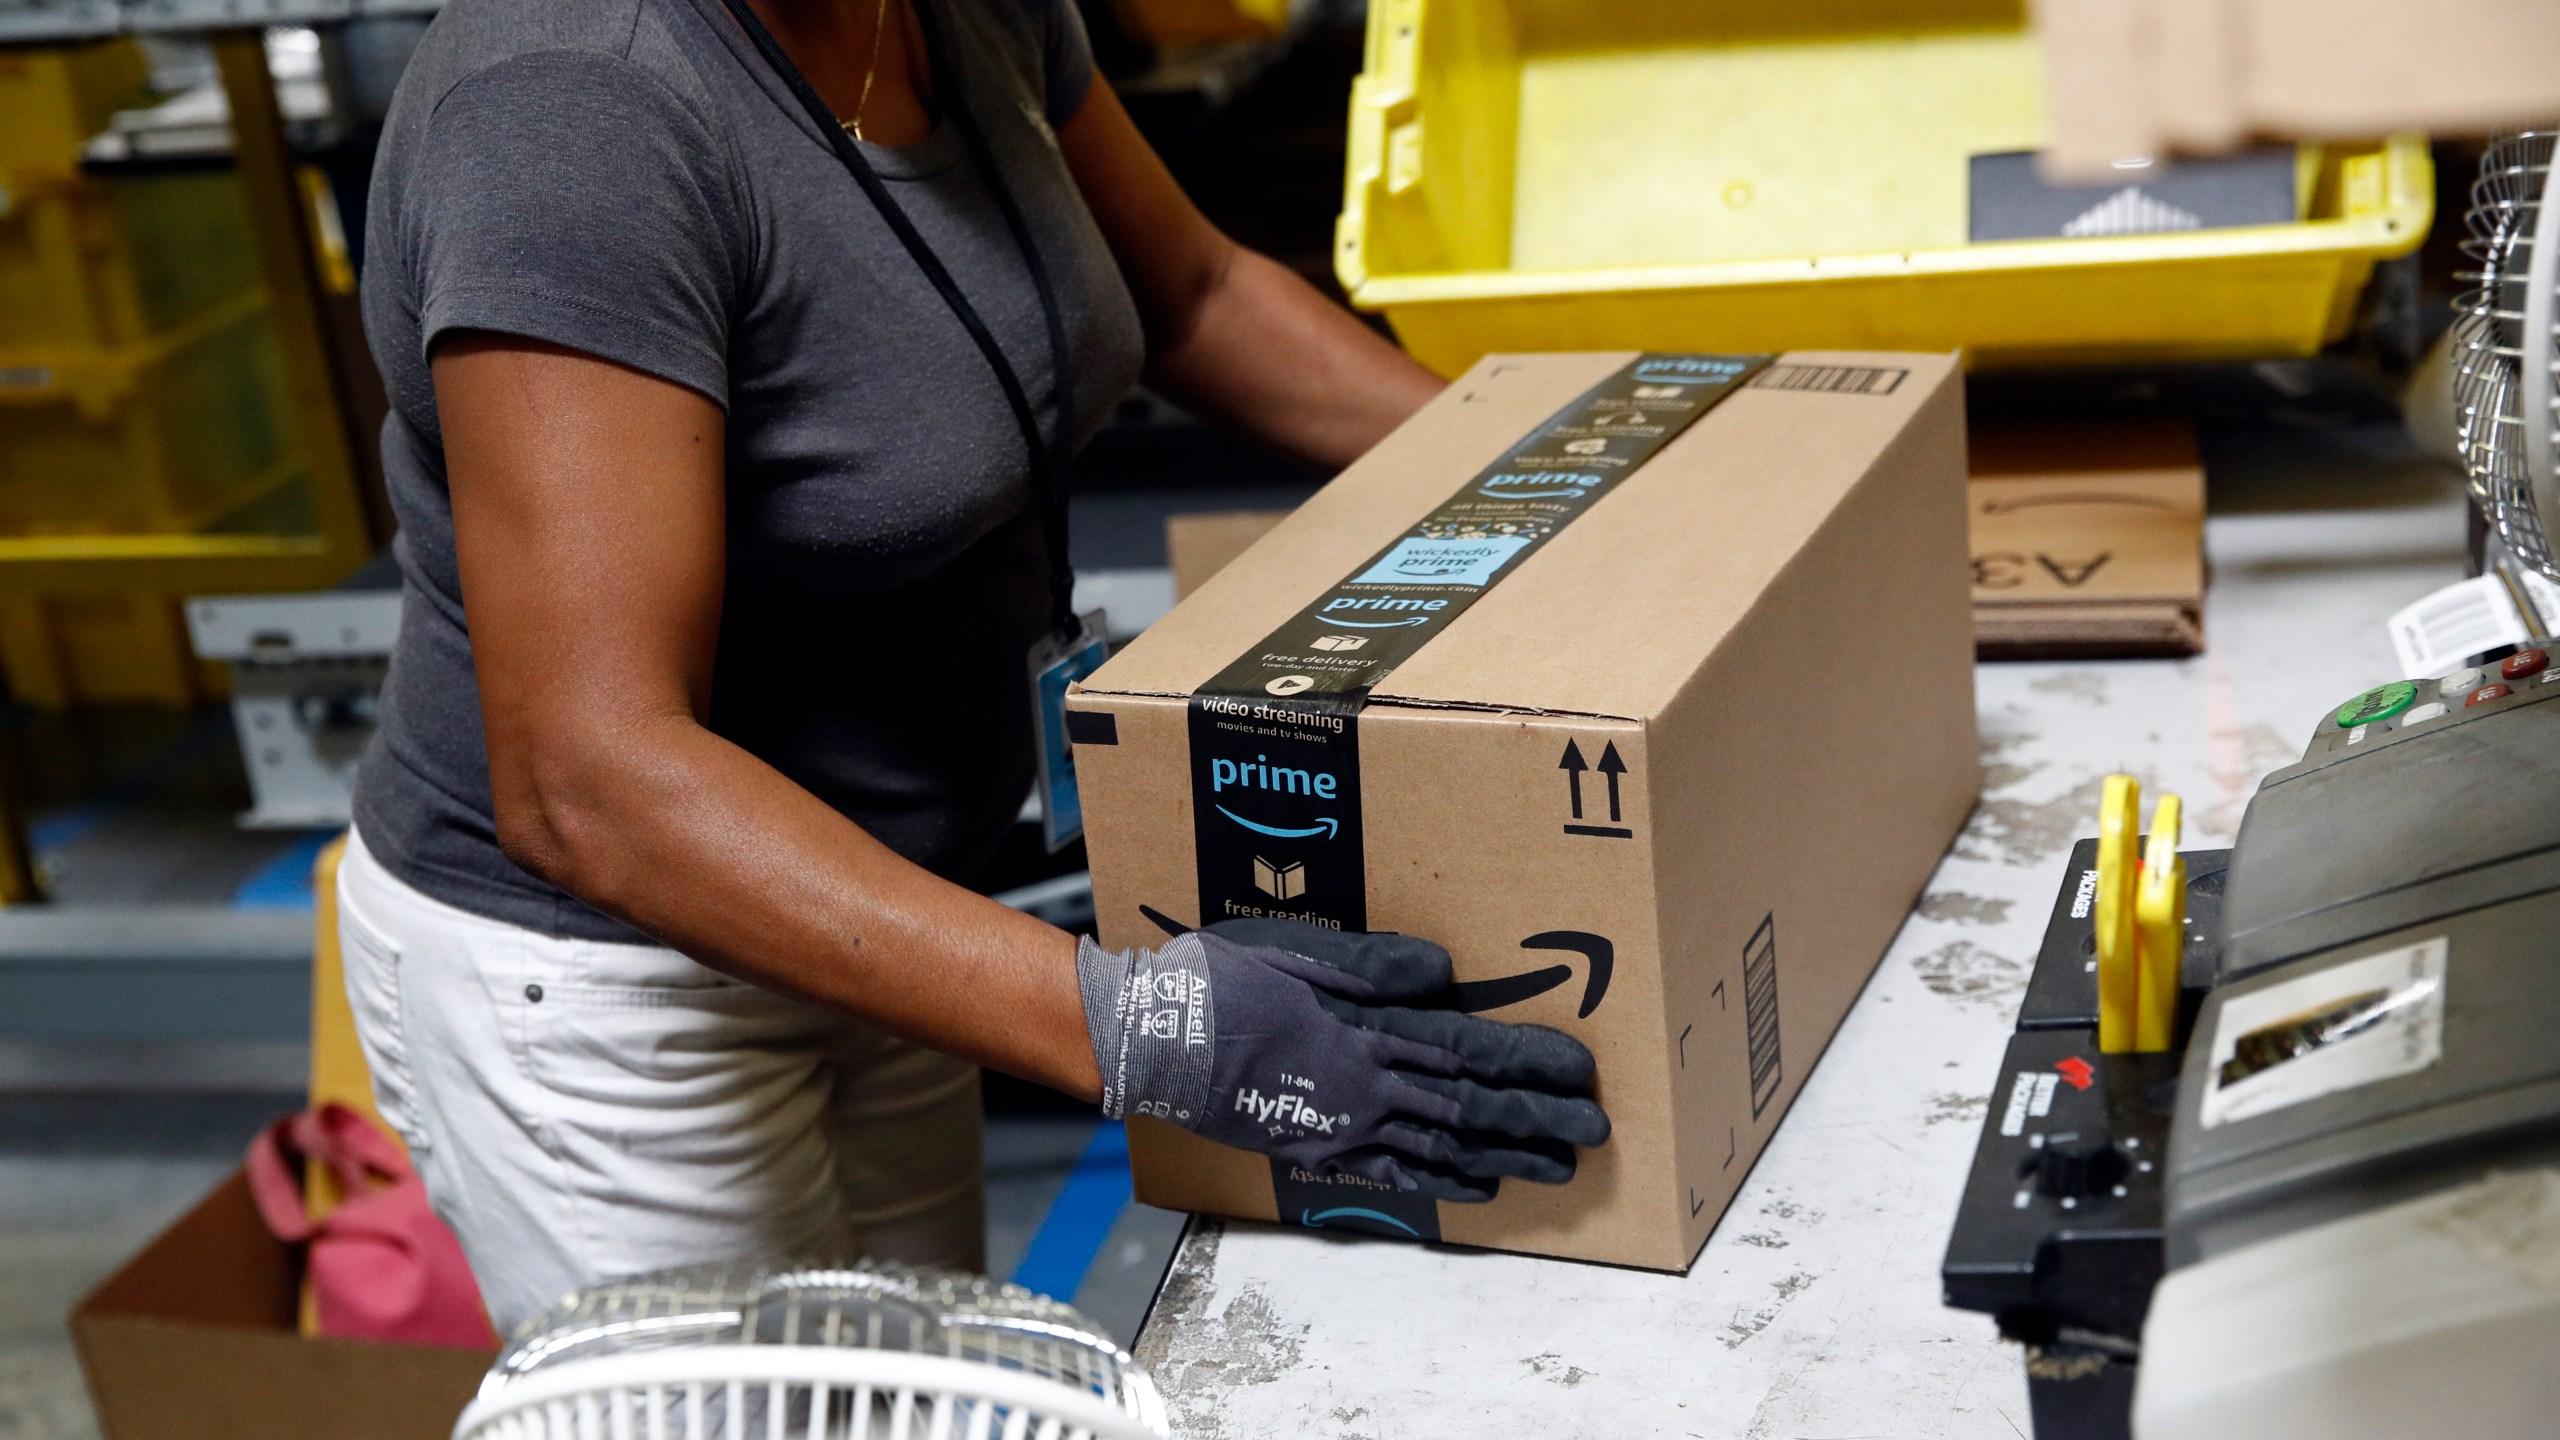 Amazon_Wages_Backlash_31779-159532.jpg70302614